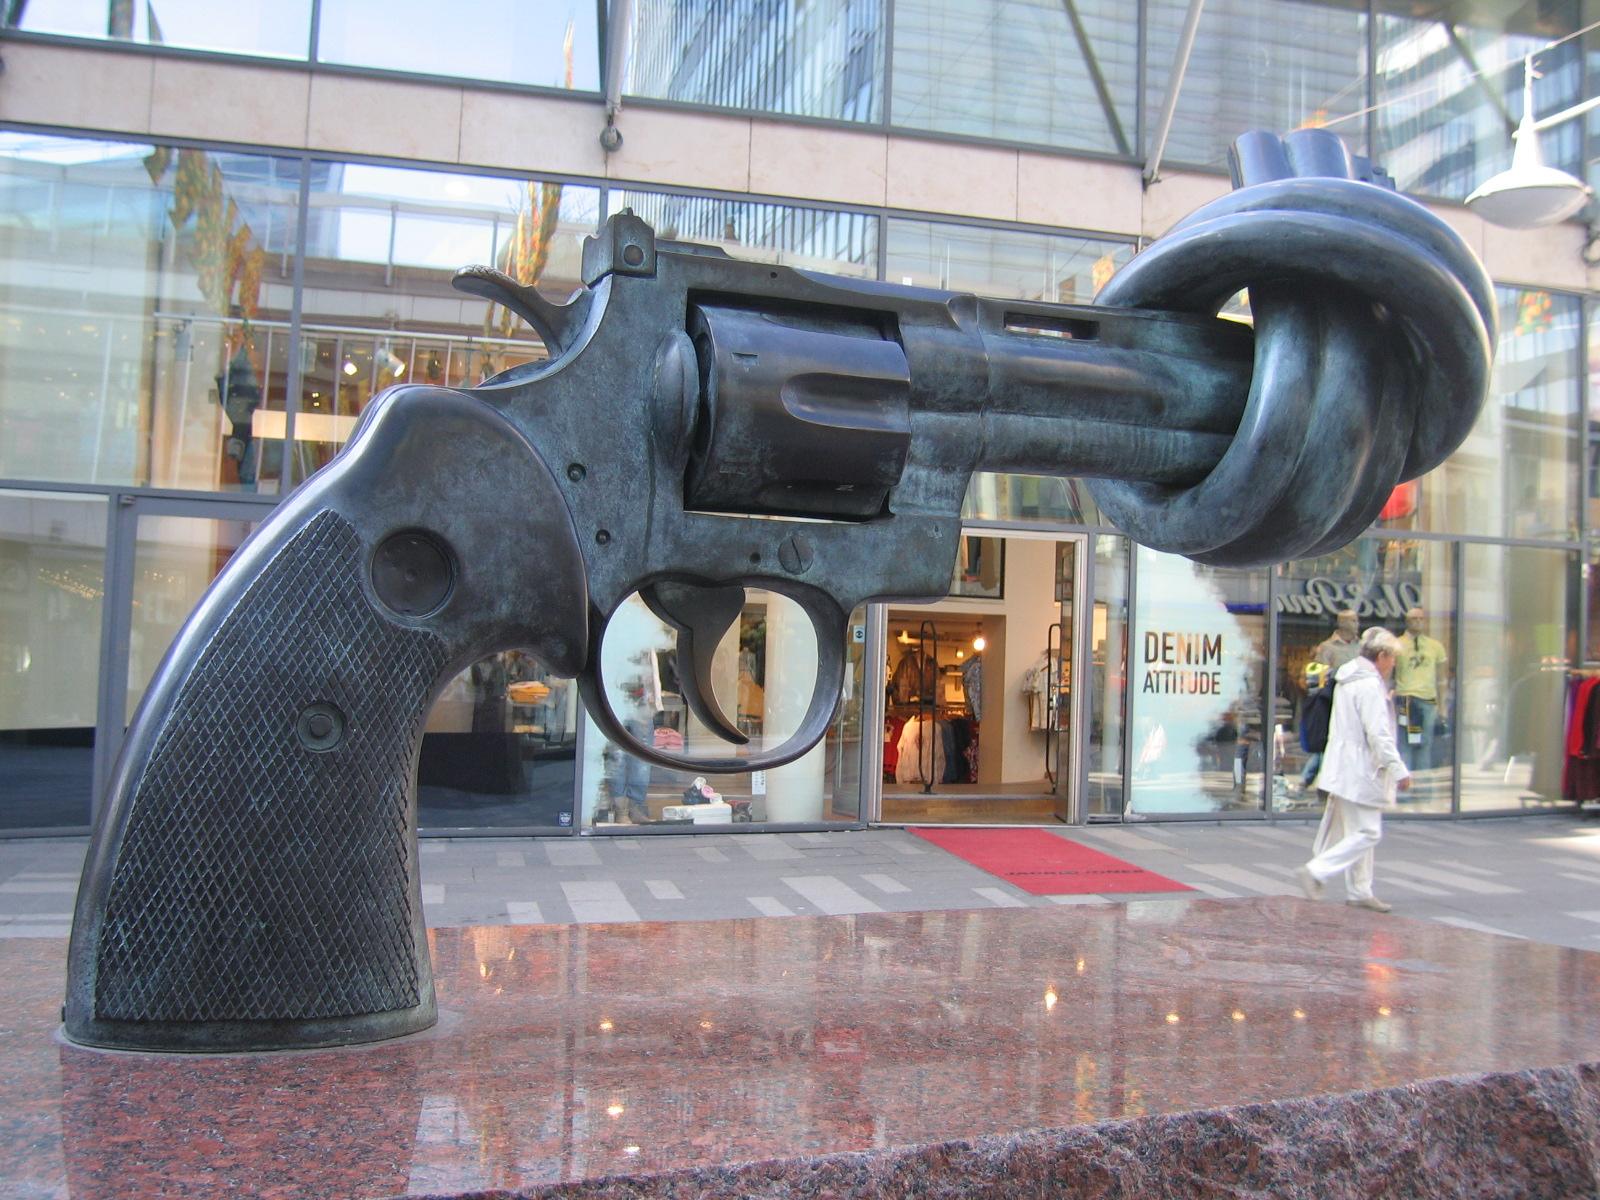 """""""Le Révolver Noué"""" (Knotted Gun), sculpture de Carl Frederik REUTERSWÄRD, symbole de la paix et de la non-violence"""